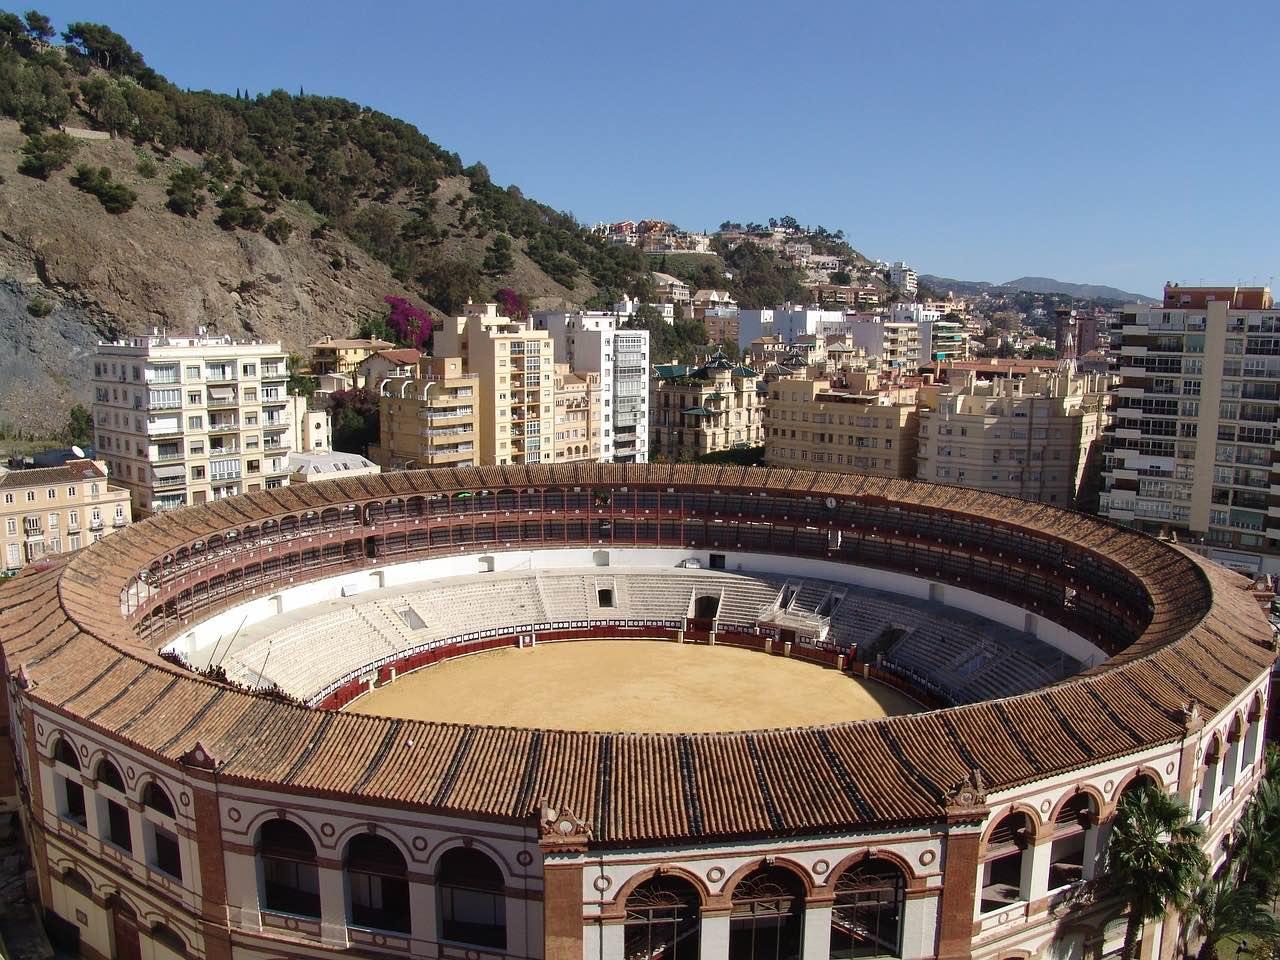 Bullring_Malaga_Spain_PD